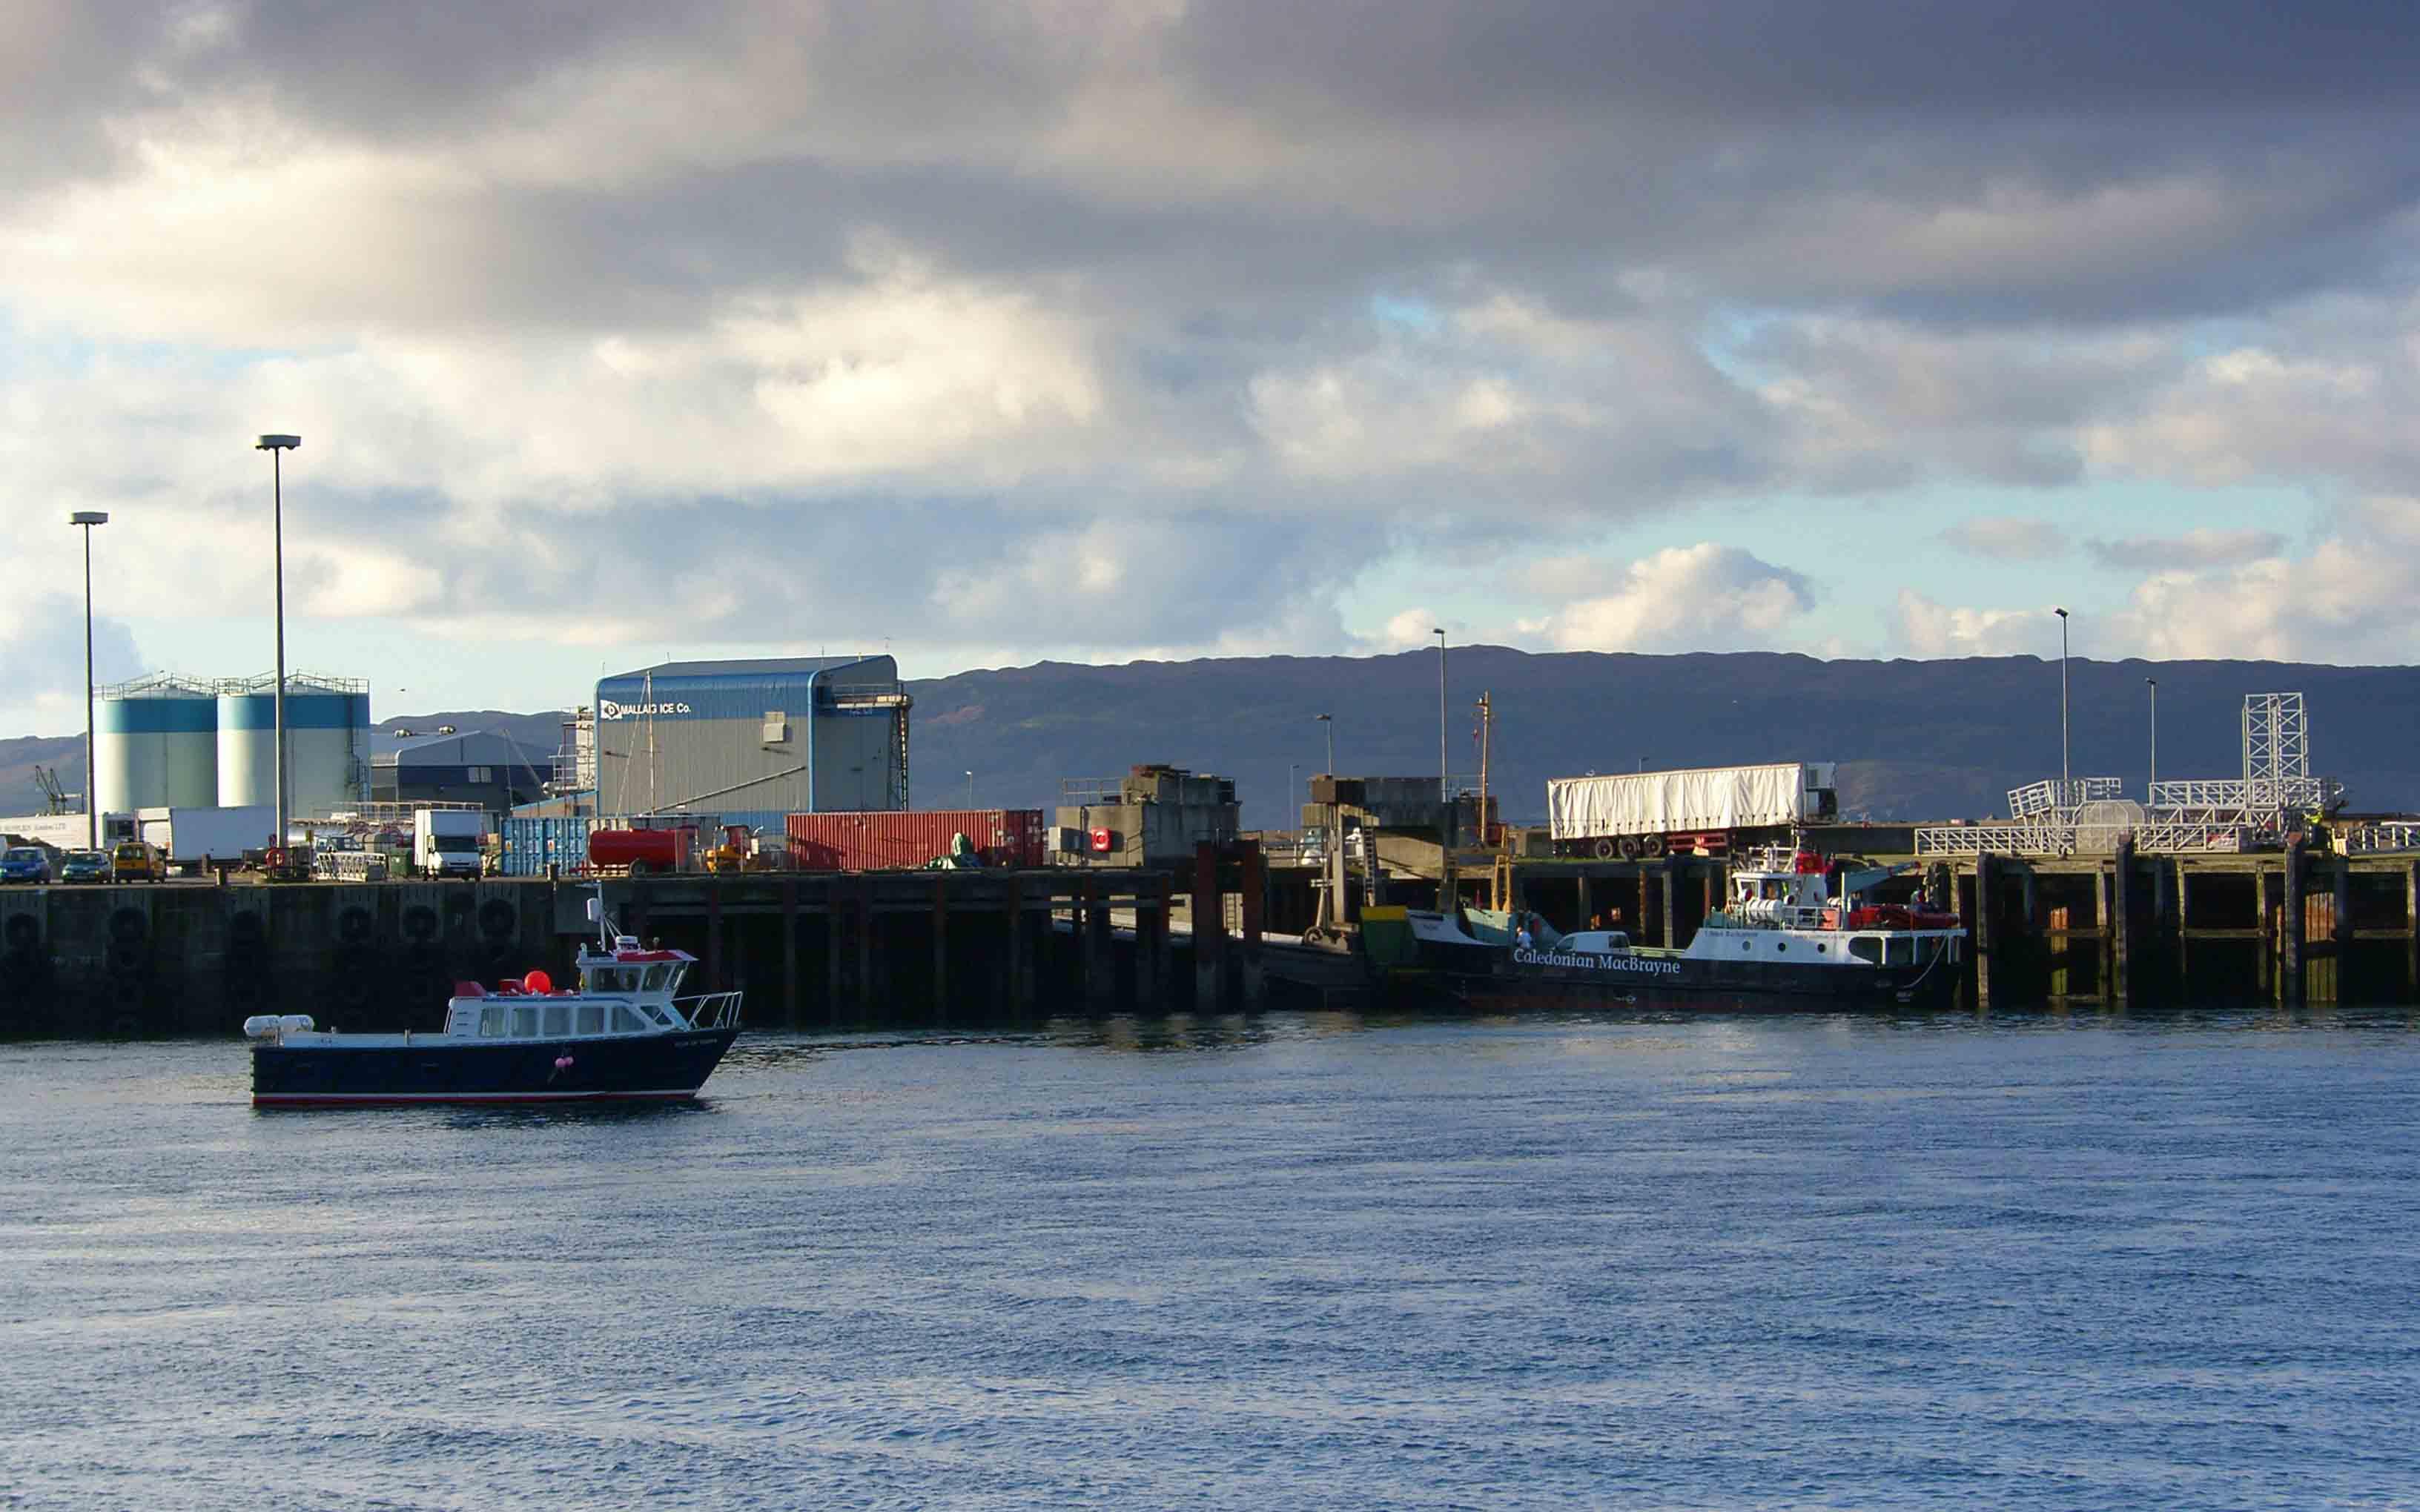 Ullin of Staffa and Raasay at Mallaig (Ships of CalMac)